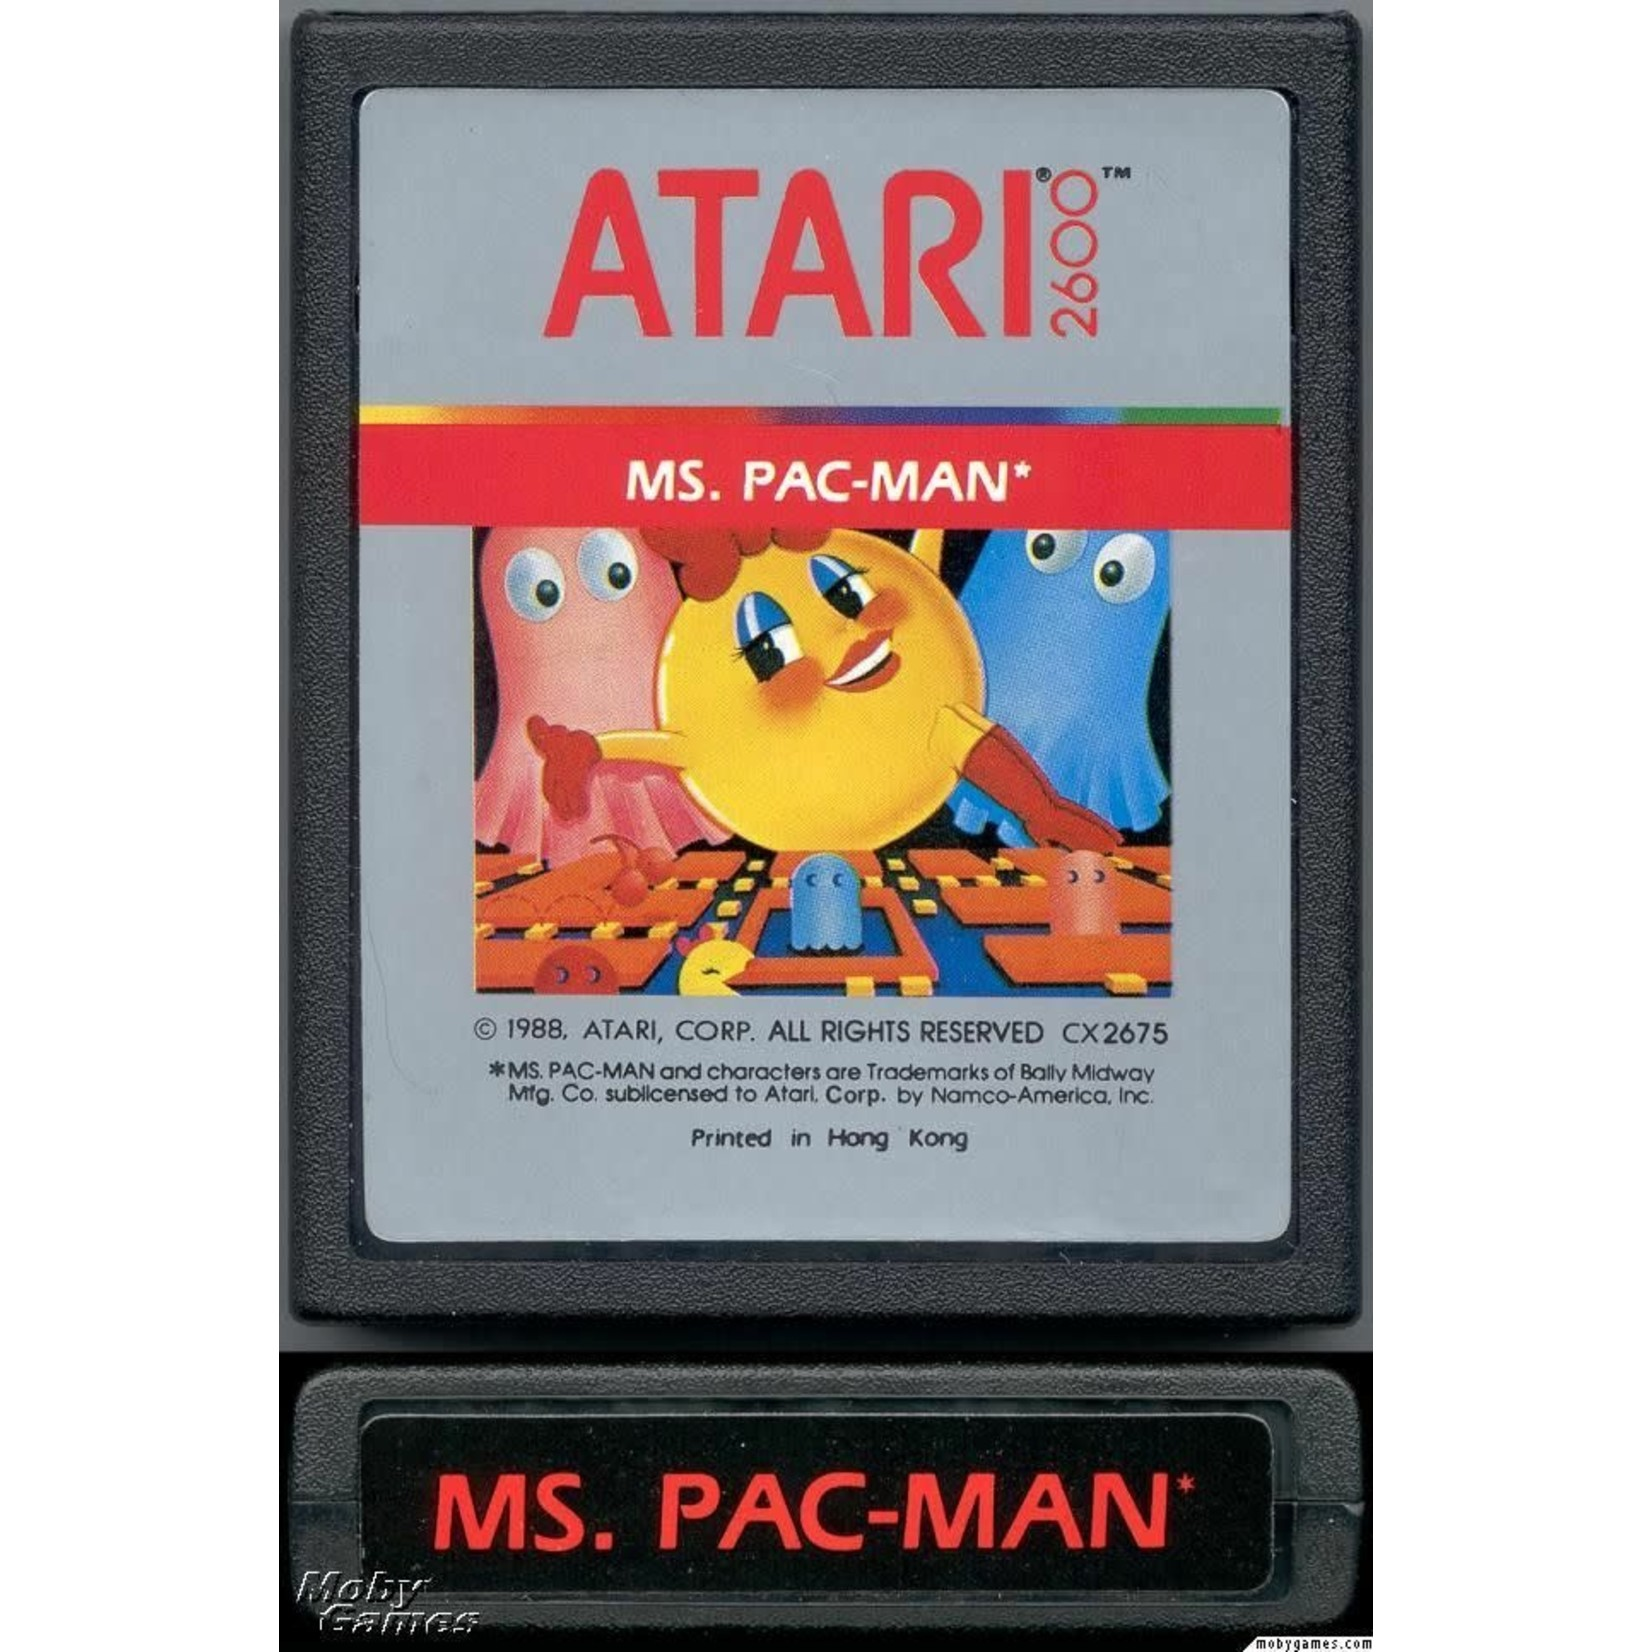 ATARIU-Ms. Pac-Man (CART ONLY)